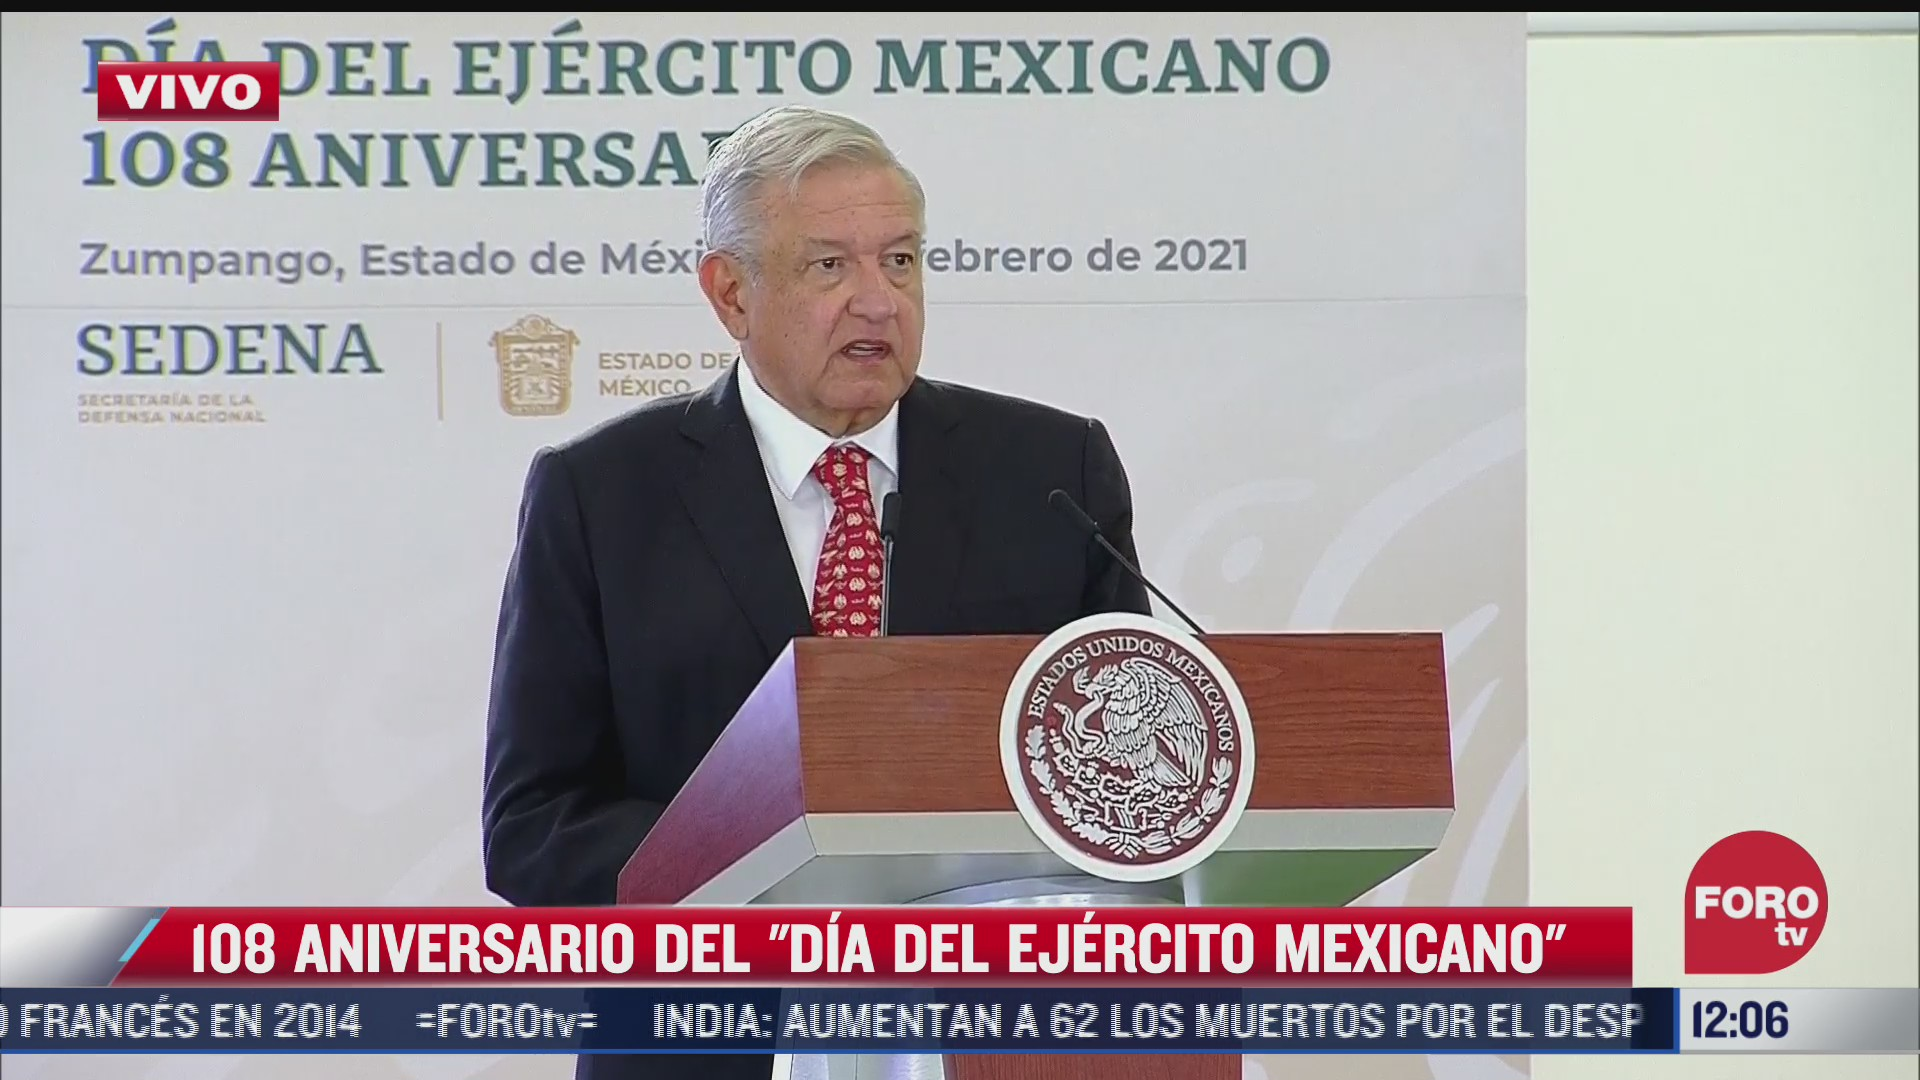 amlo ejercito mexicano debe seguir cumpliendo su mision de defender la soberania